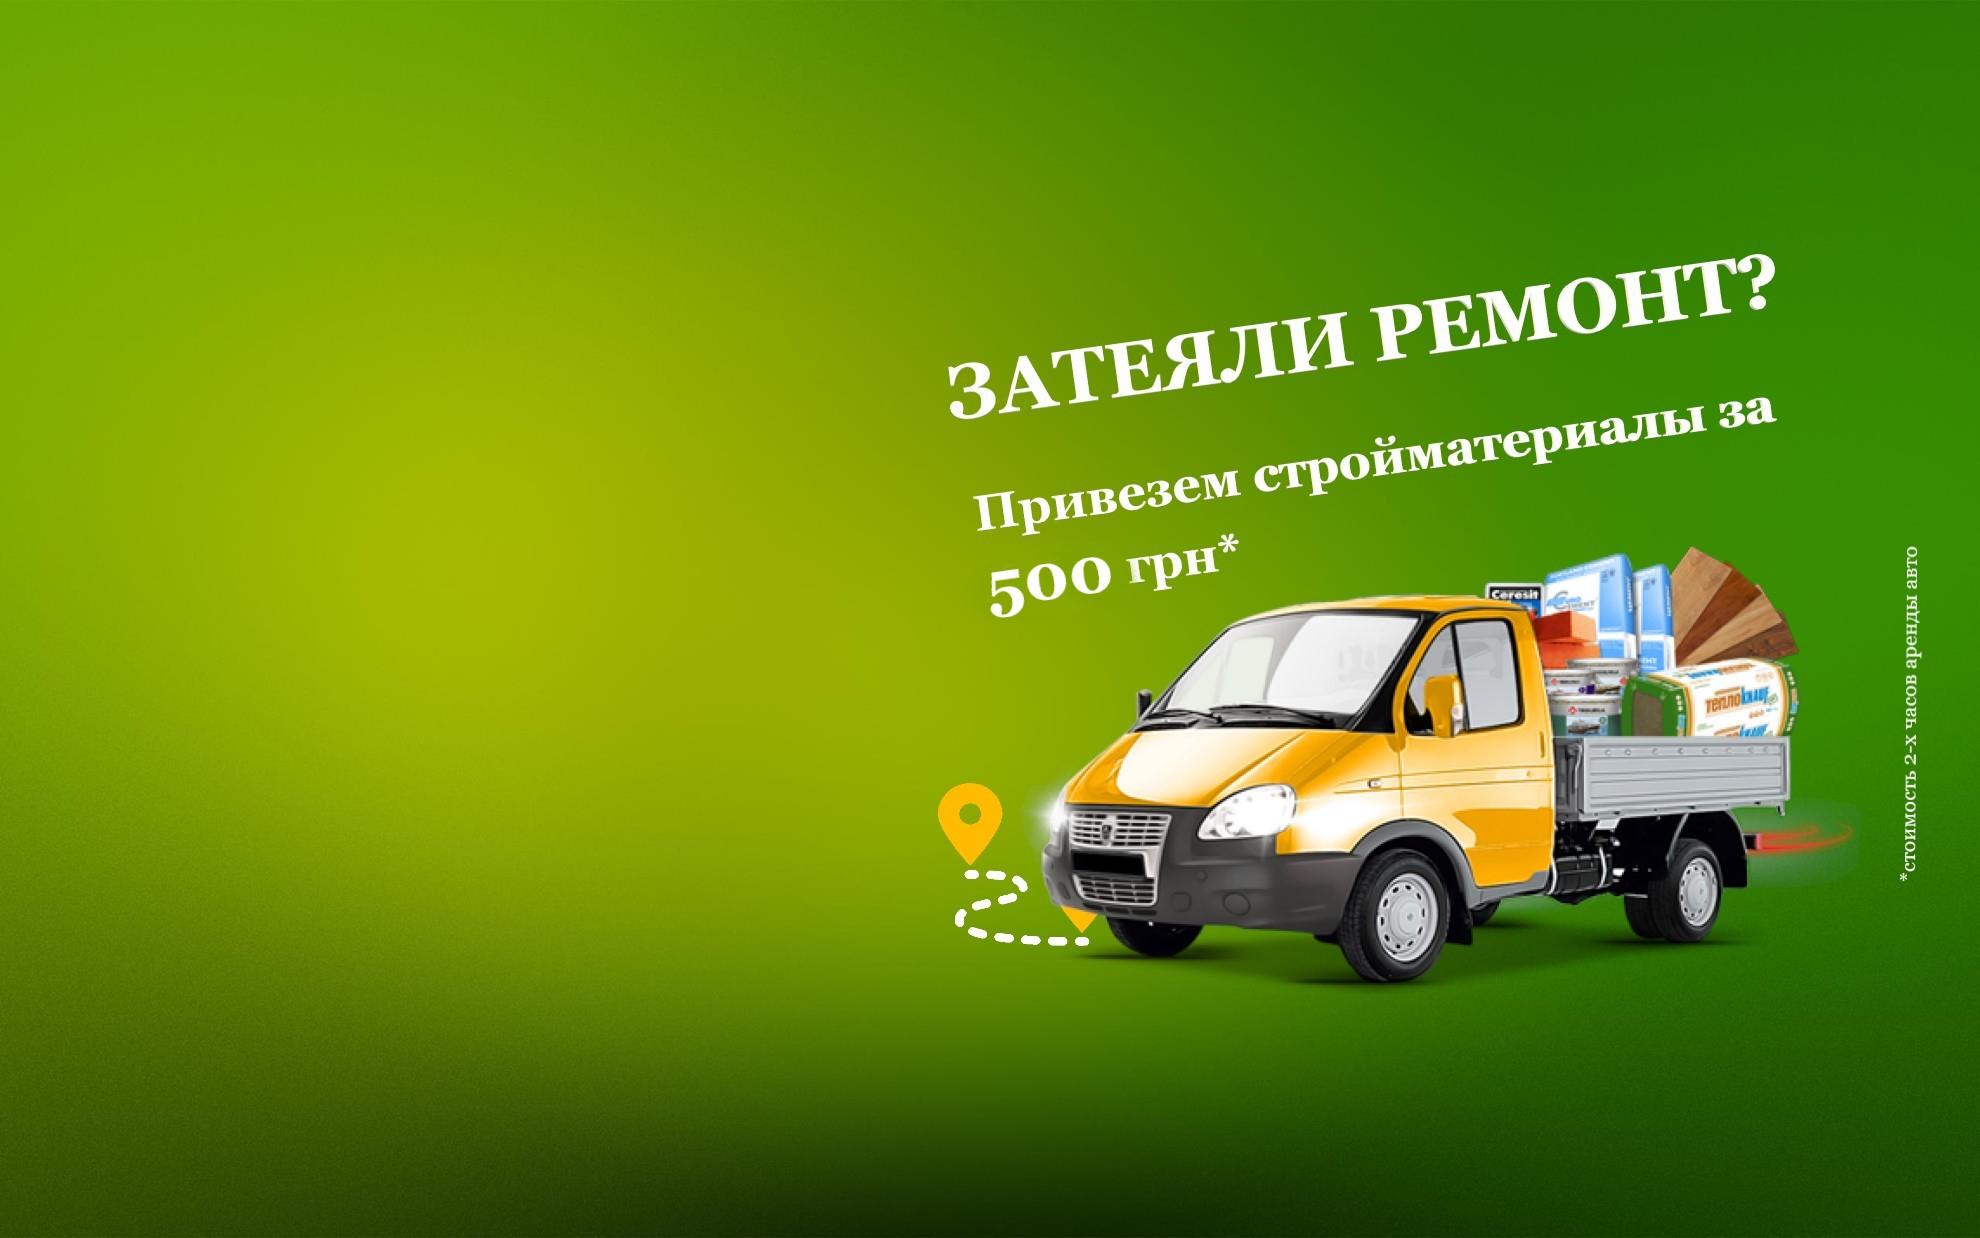 perevozka-stroymaterialov